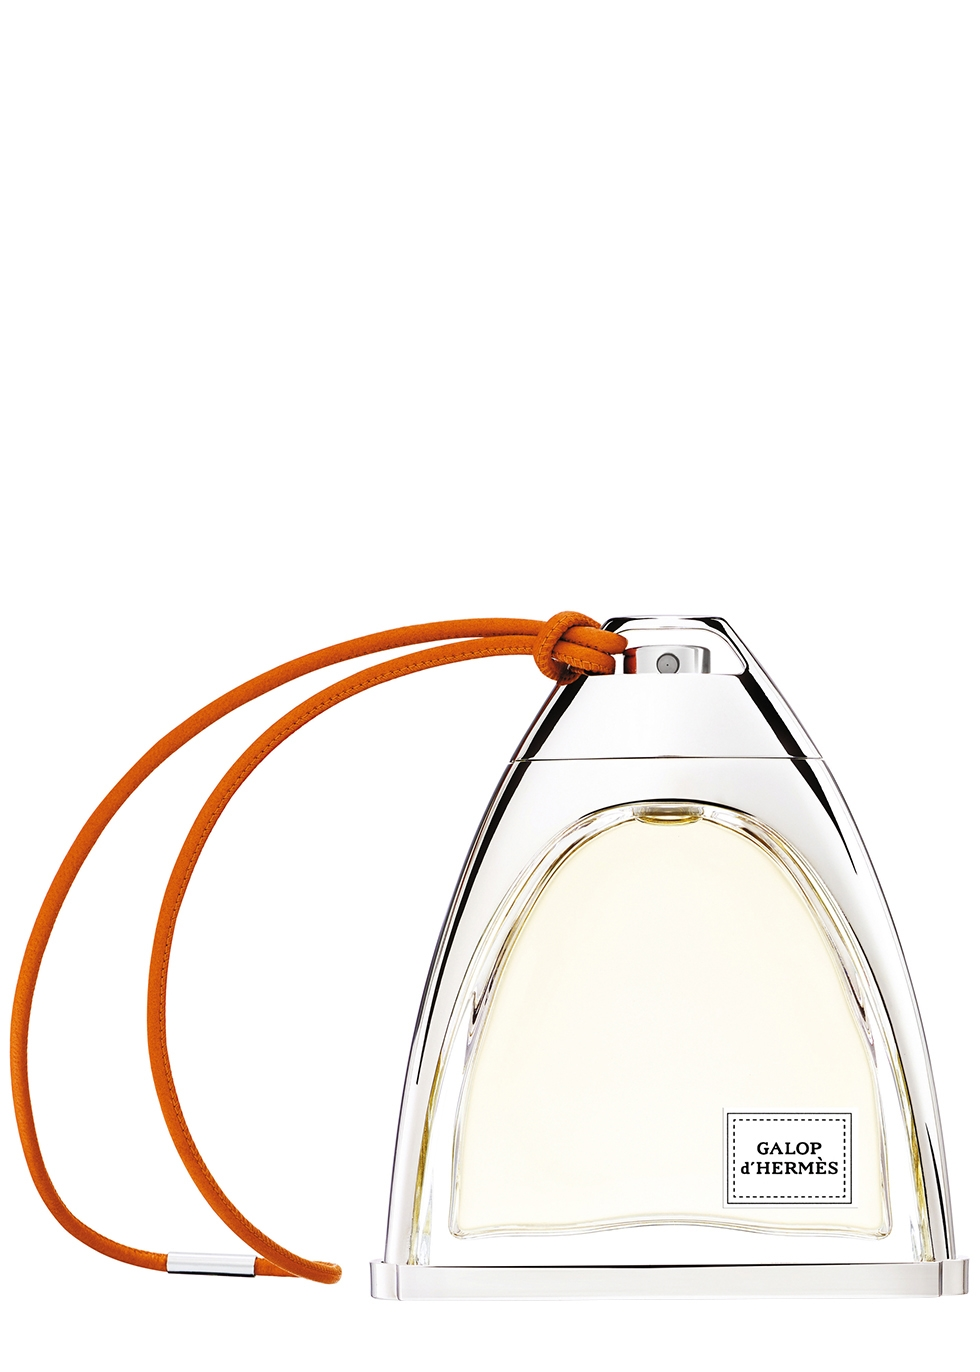 Galop d'Hermès - Eau de Parfum 50ml